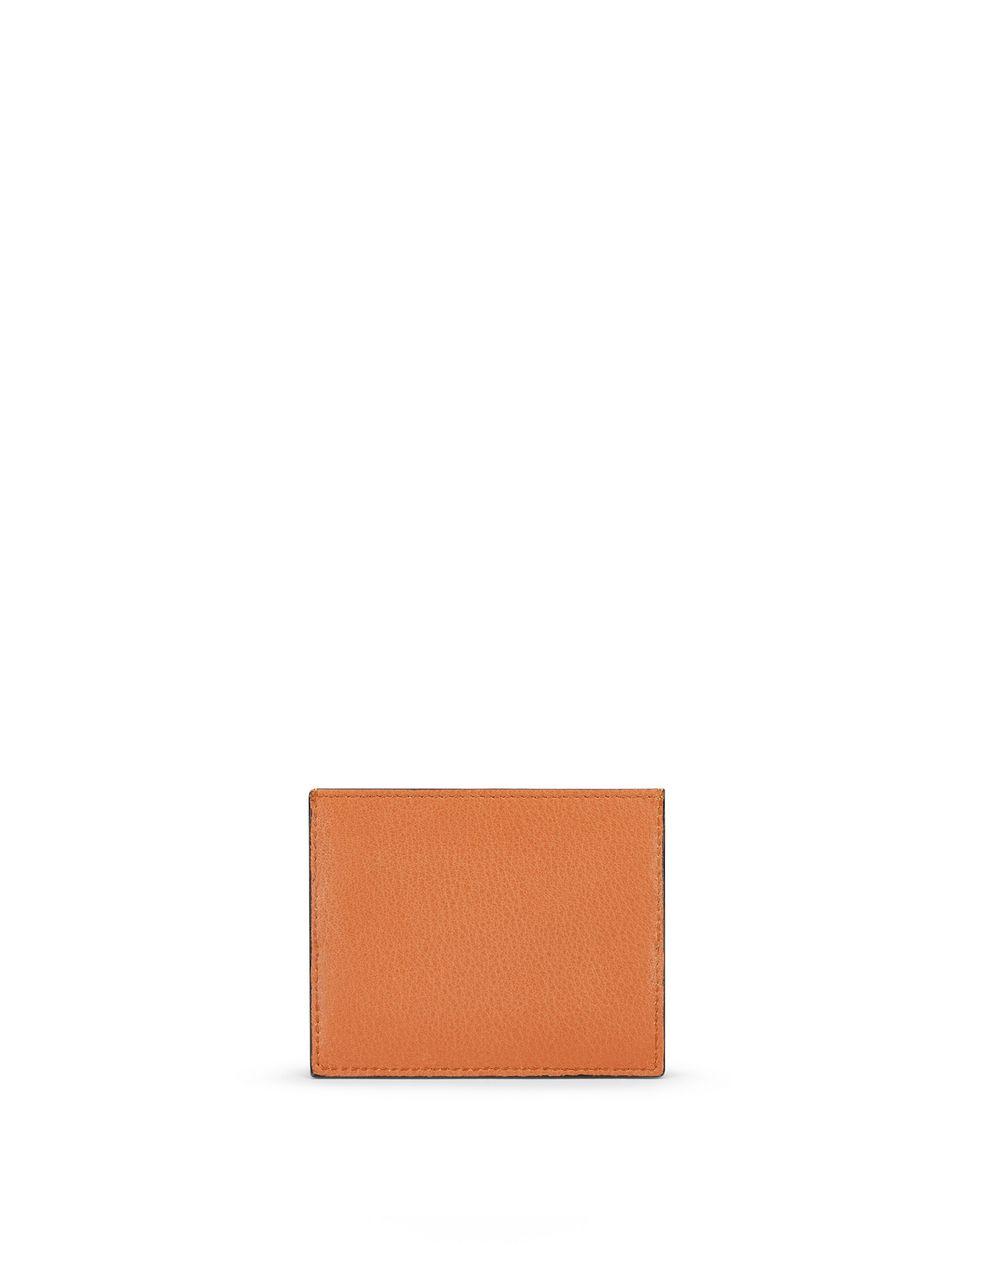 CARD HOLDER - Lanvin